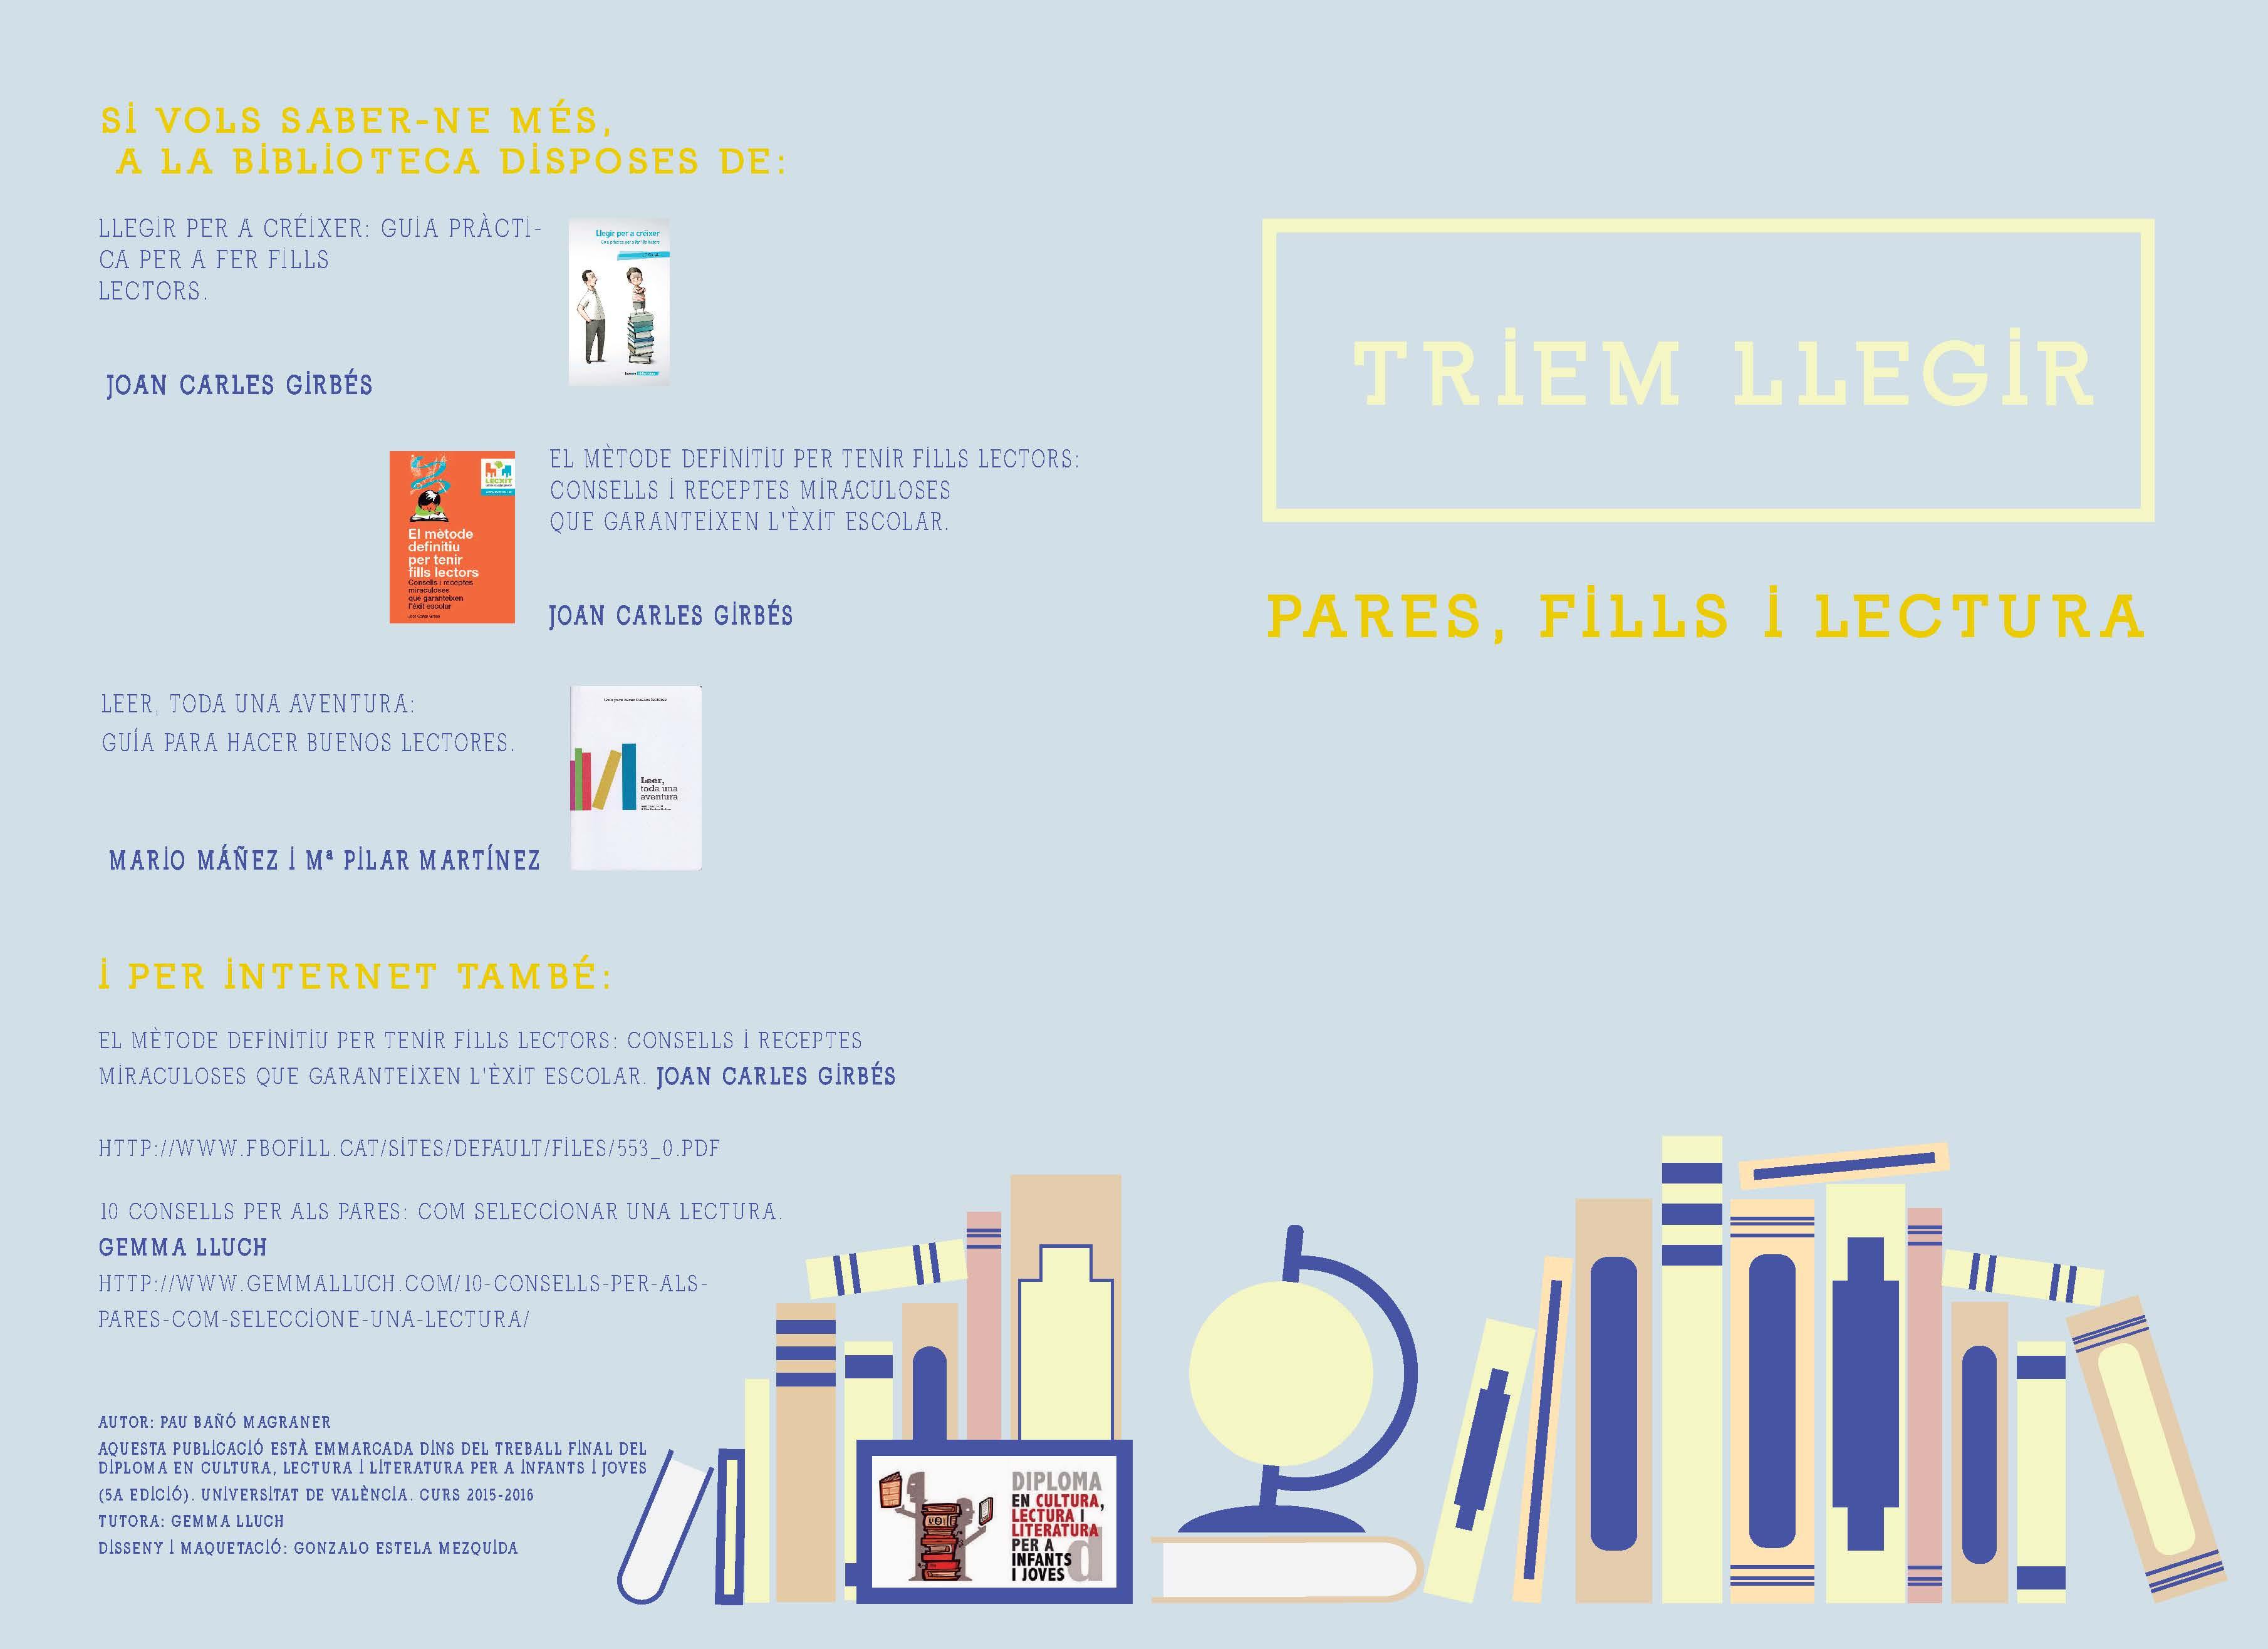 Triem llegir: pares, fills i lectura